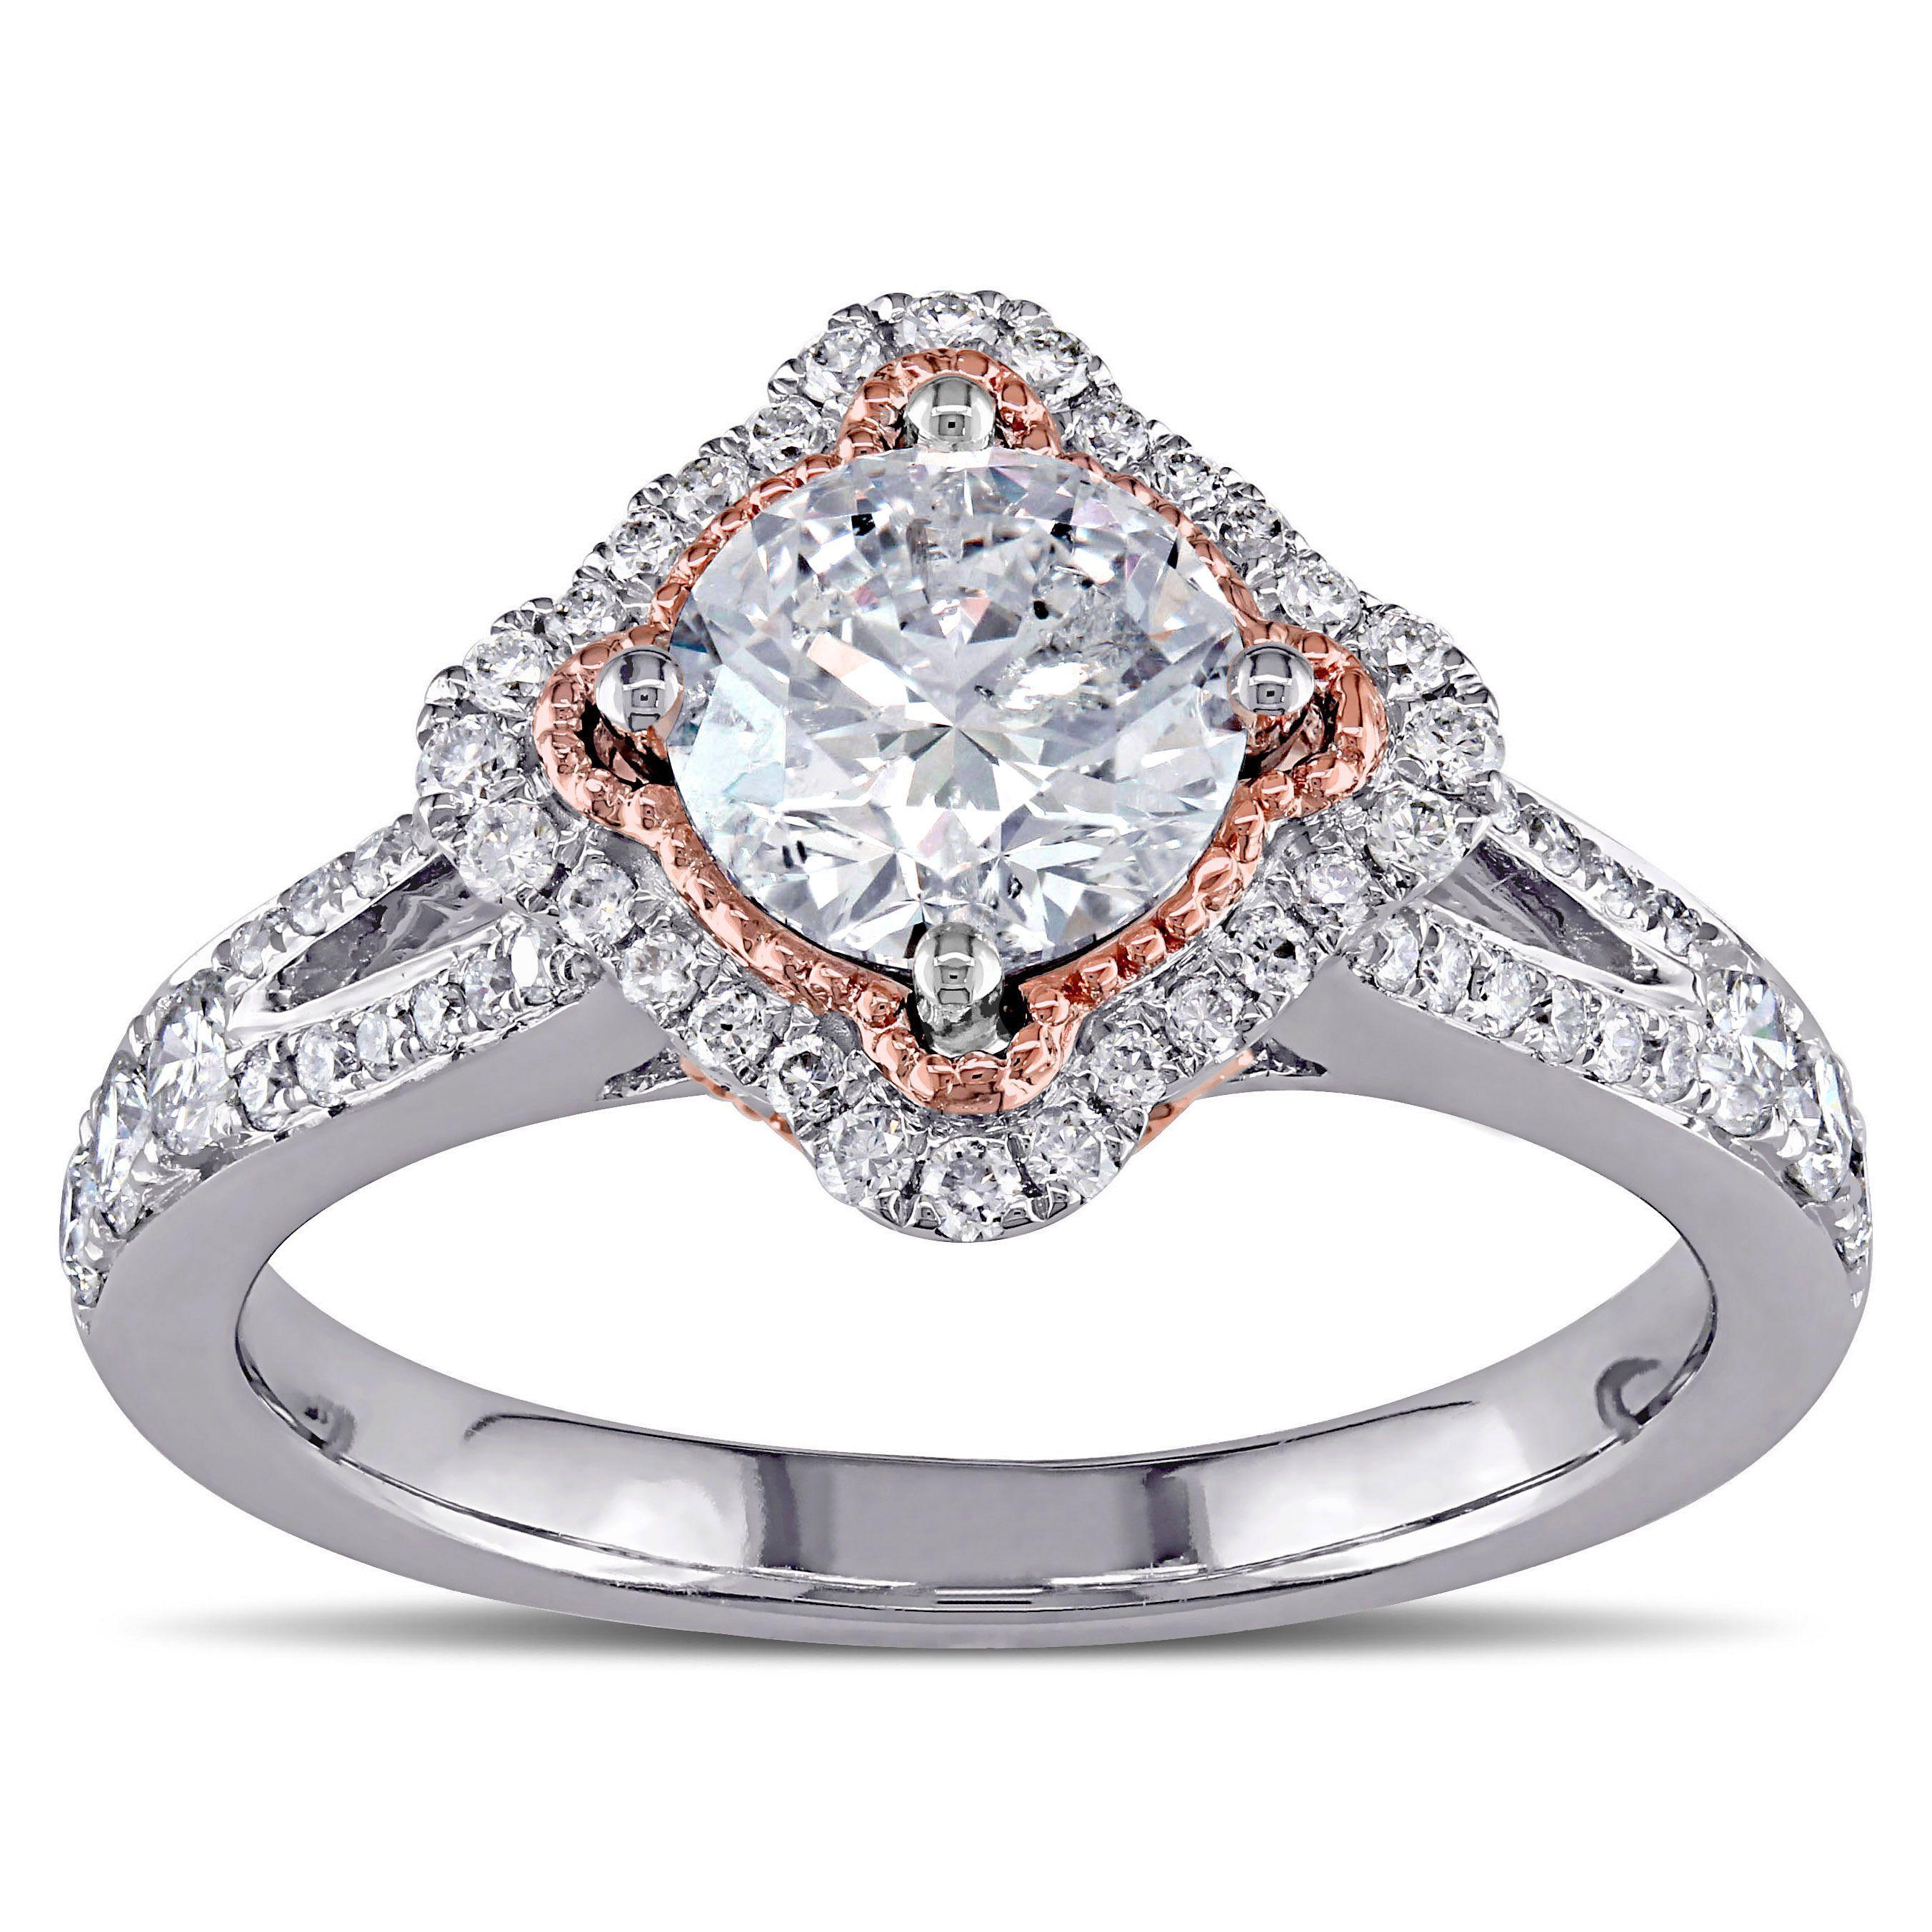 Miadora signature collection 14k white gold 1ct tdw diamond double row - Miadora 14k Two Tone Gold 1 1 2ct Tdw Diamond Engagement Ring E F